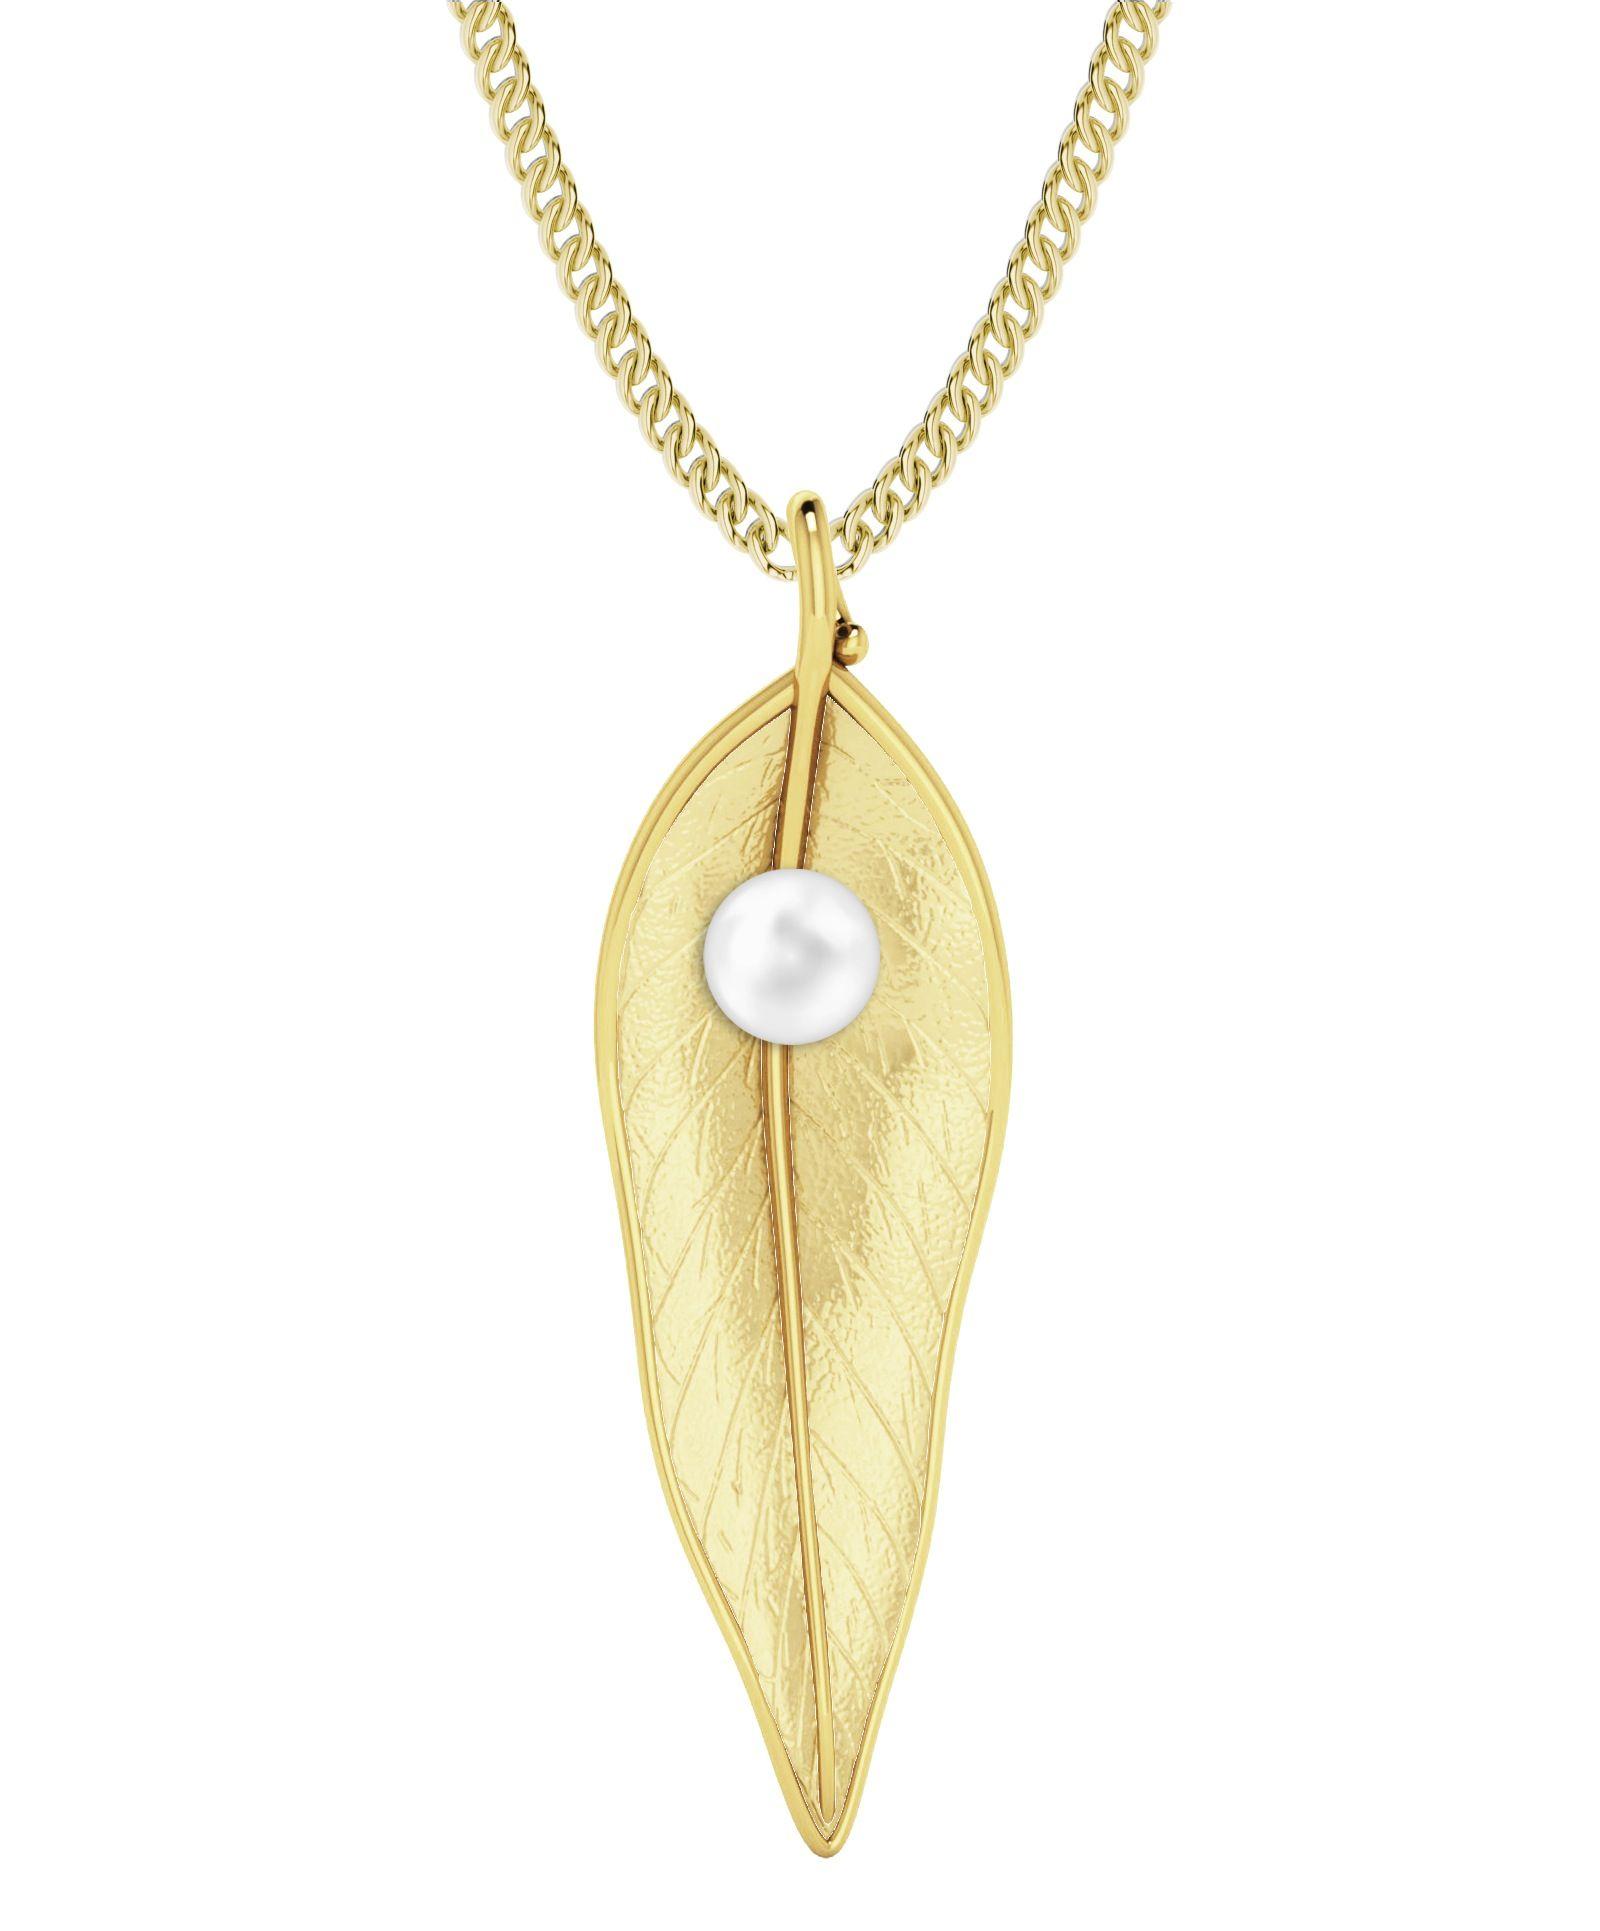 StyleRocks Terre-et-mer Leaf & Pearl Necklace - Rose Gold Plated - 45cm 37zp6LvV